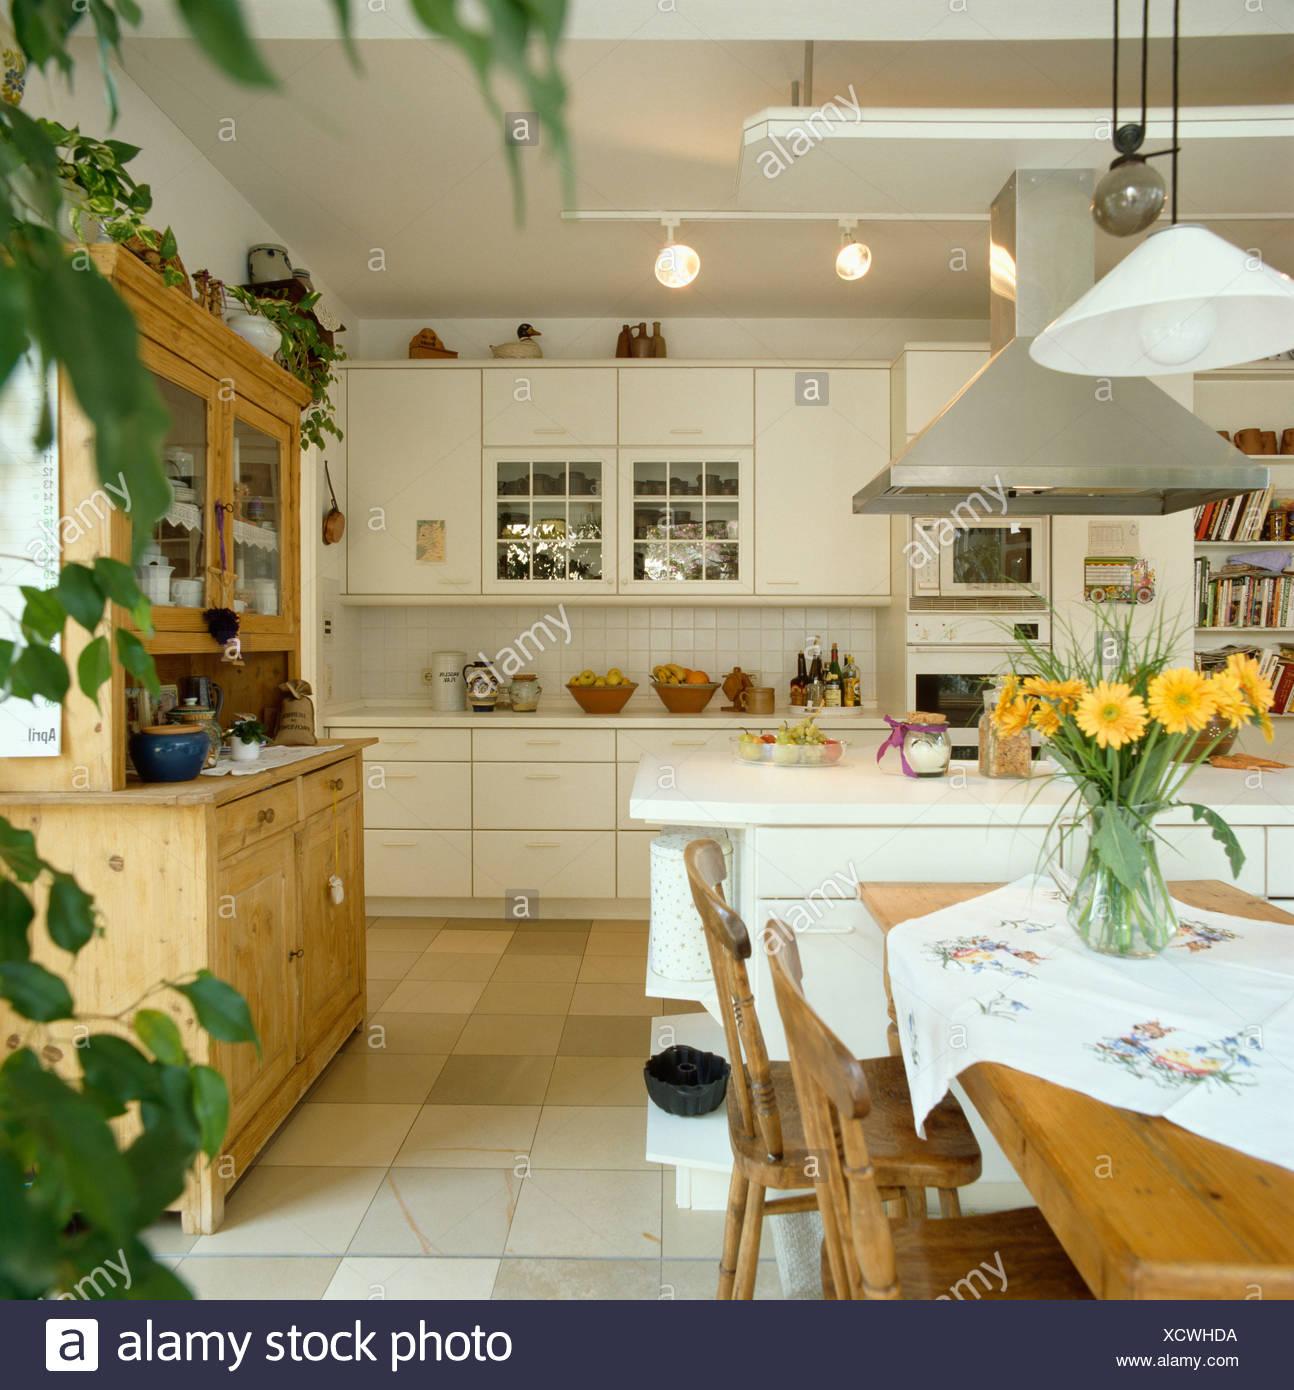 Wunderbar Circa Beleuchtung Küche Anhänger Galerie - Küchenschrank ...